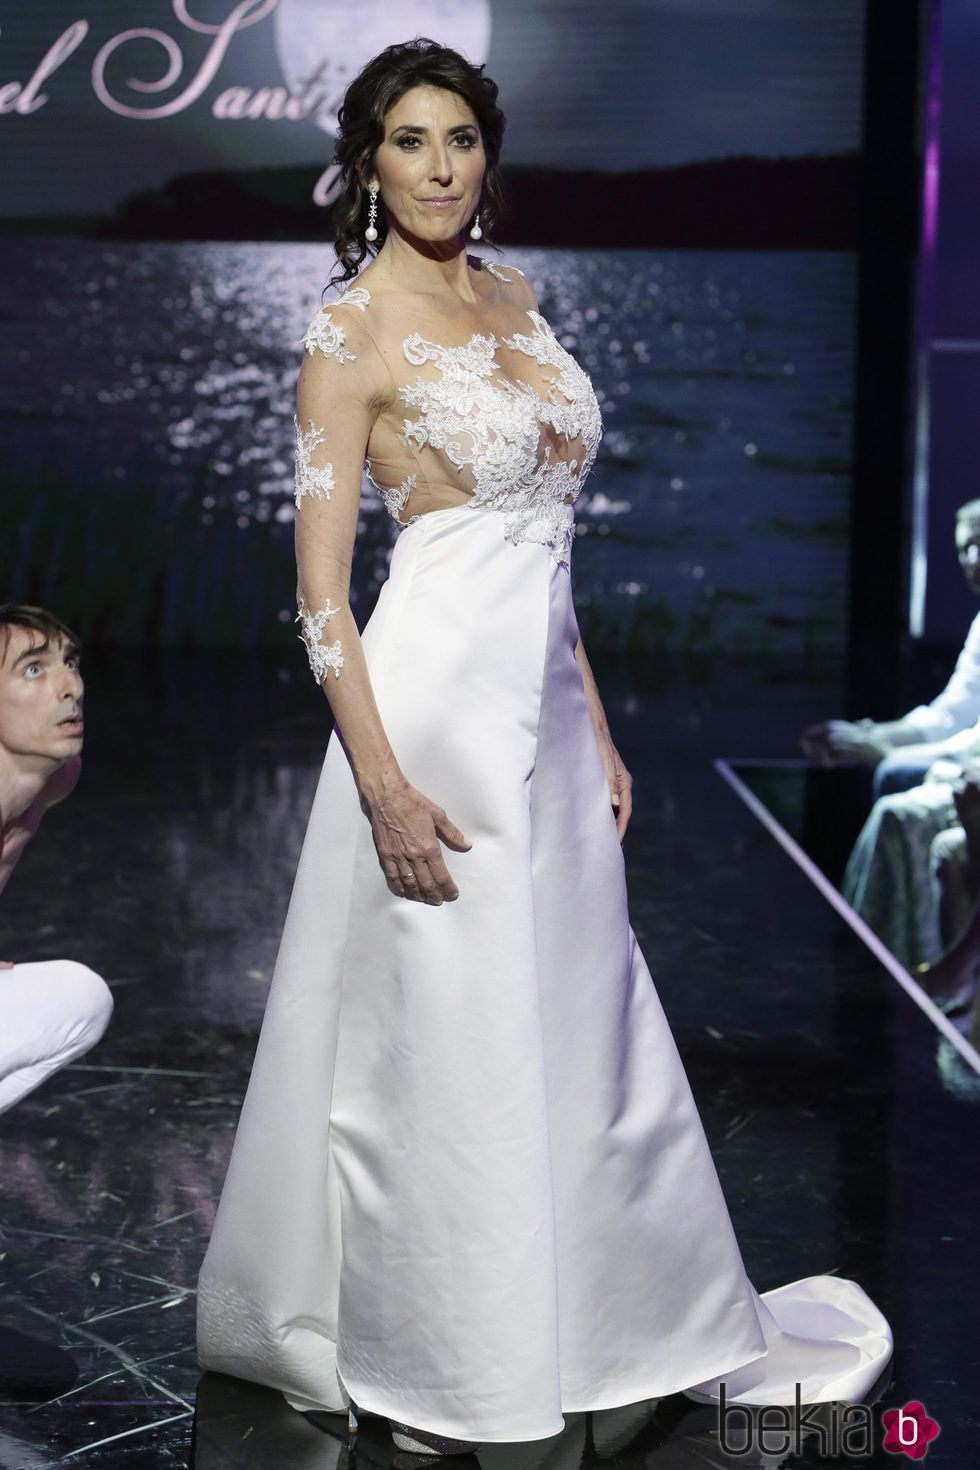 Moda fashion 2017 - Paz Padilla Desfilando Vestida De Novia En La S 225 Lvame